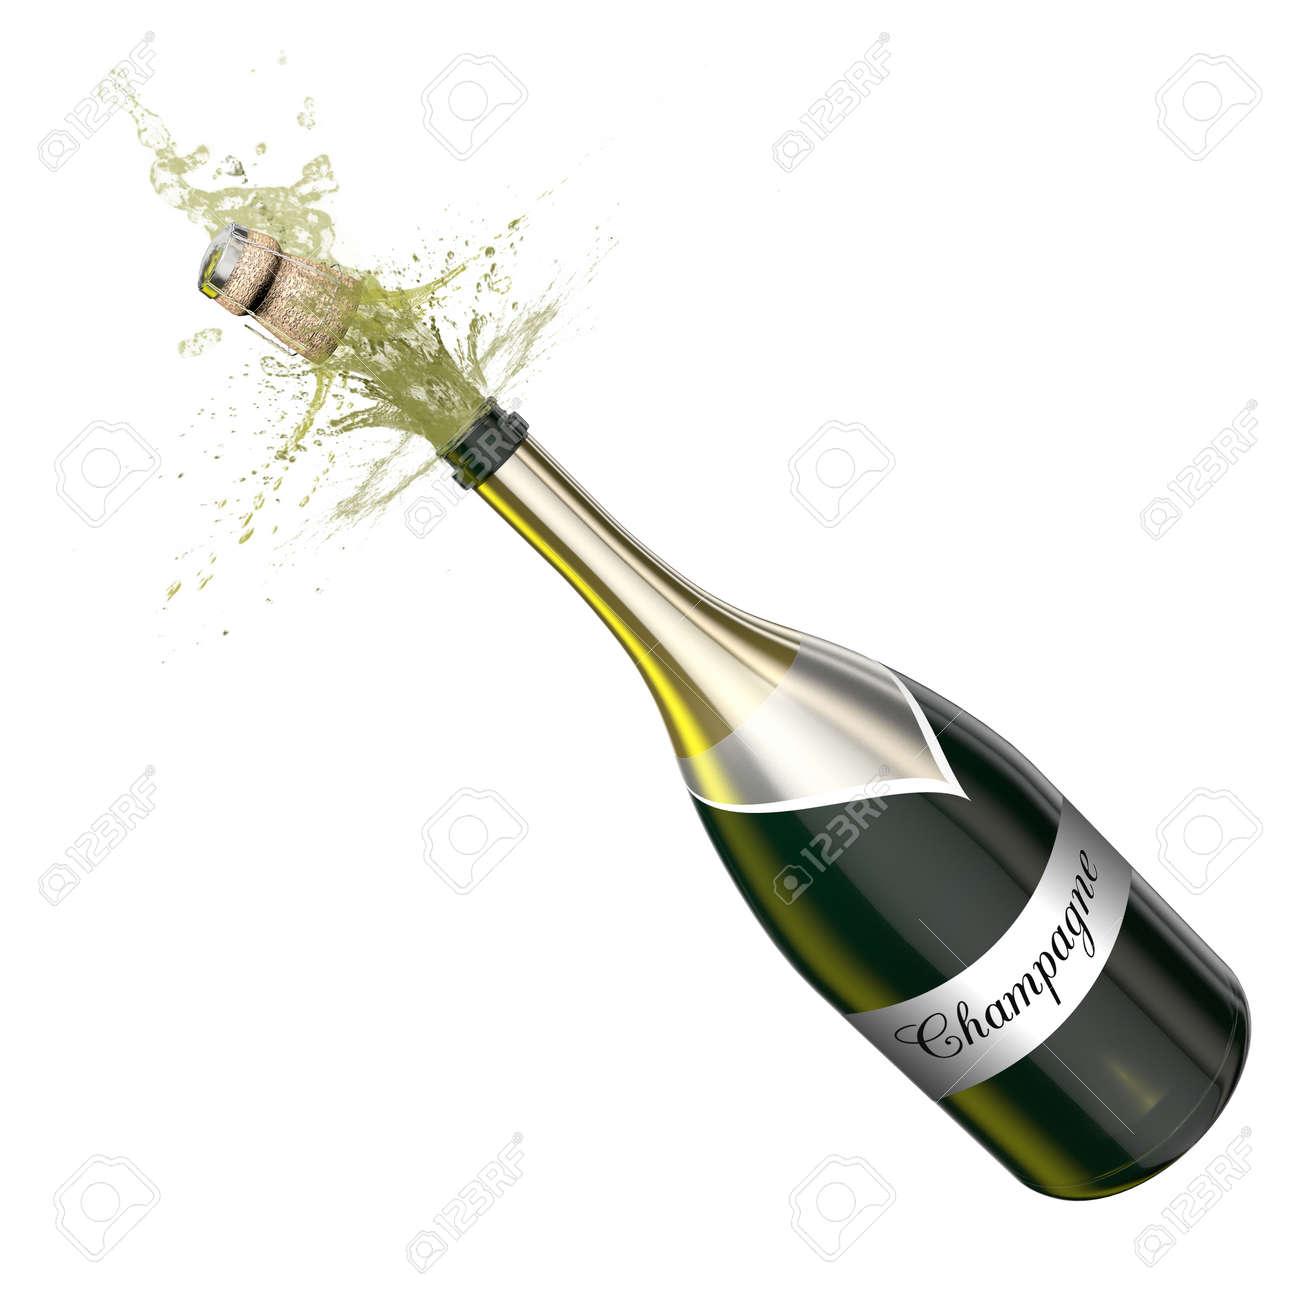 39889490-inaugurado-botella-de-espumante